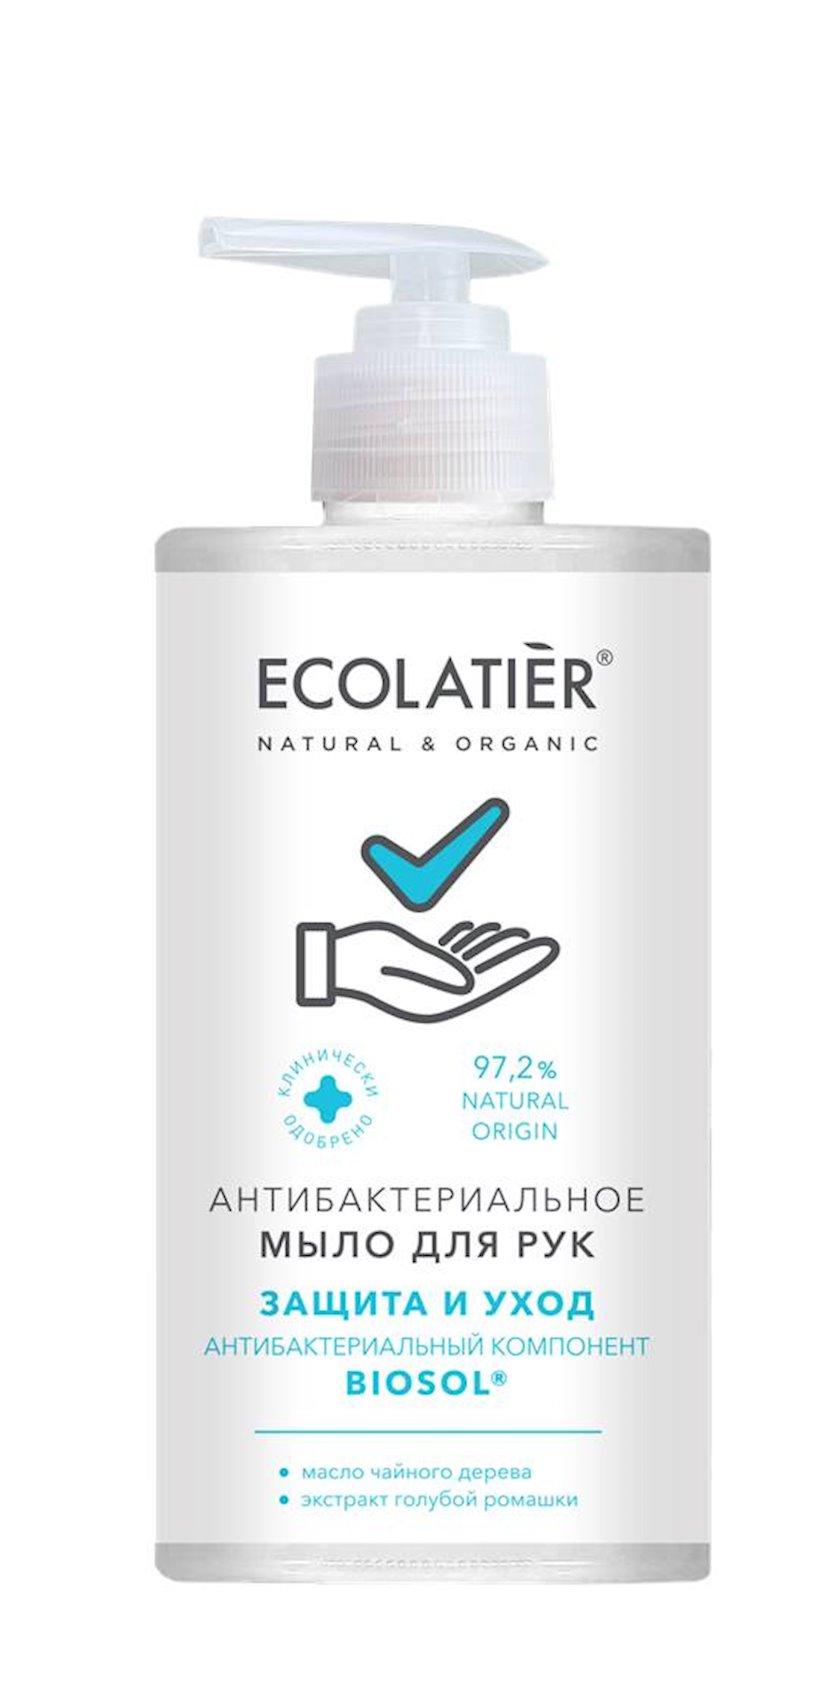 Əllər üçün antibakterial sabun Ecolatier antibakterial komponent ilə BIOSOL Müdafiə və qulluq 460 ml